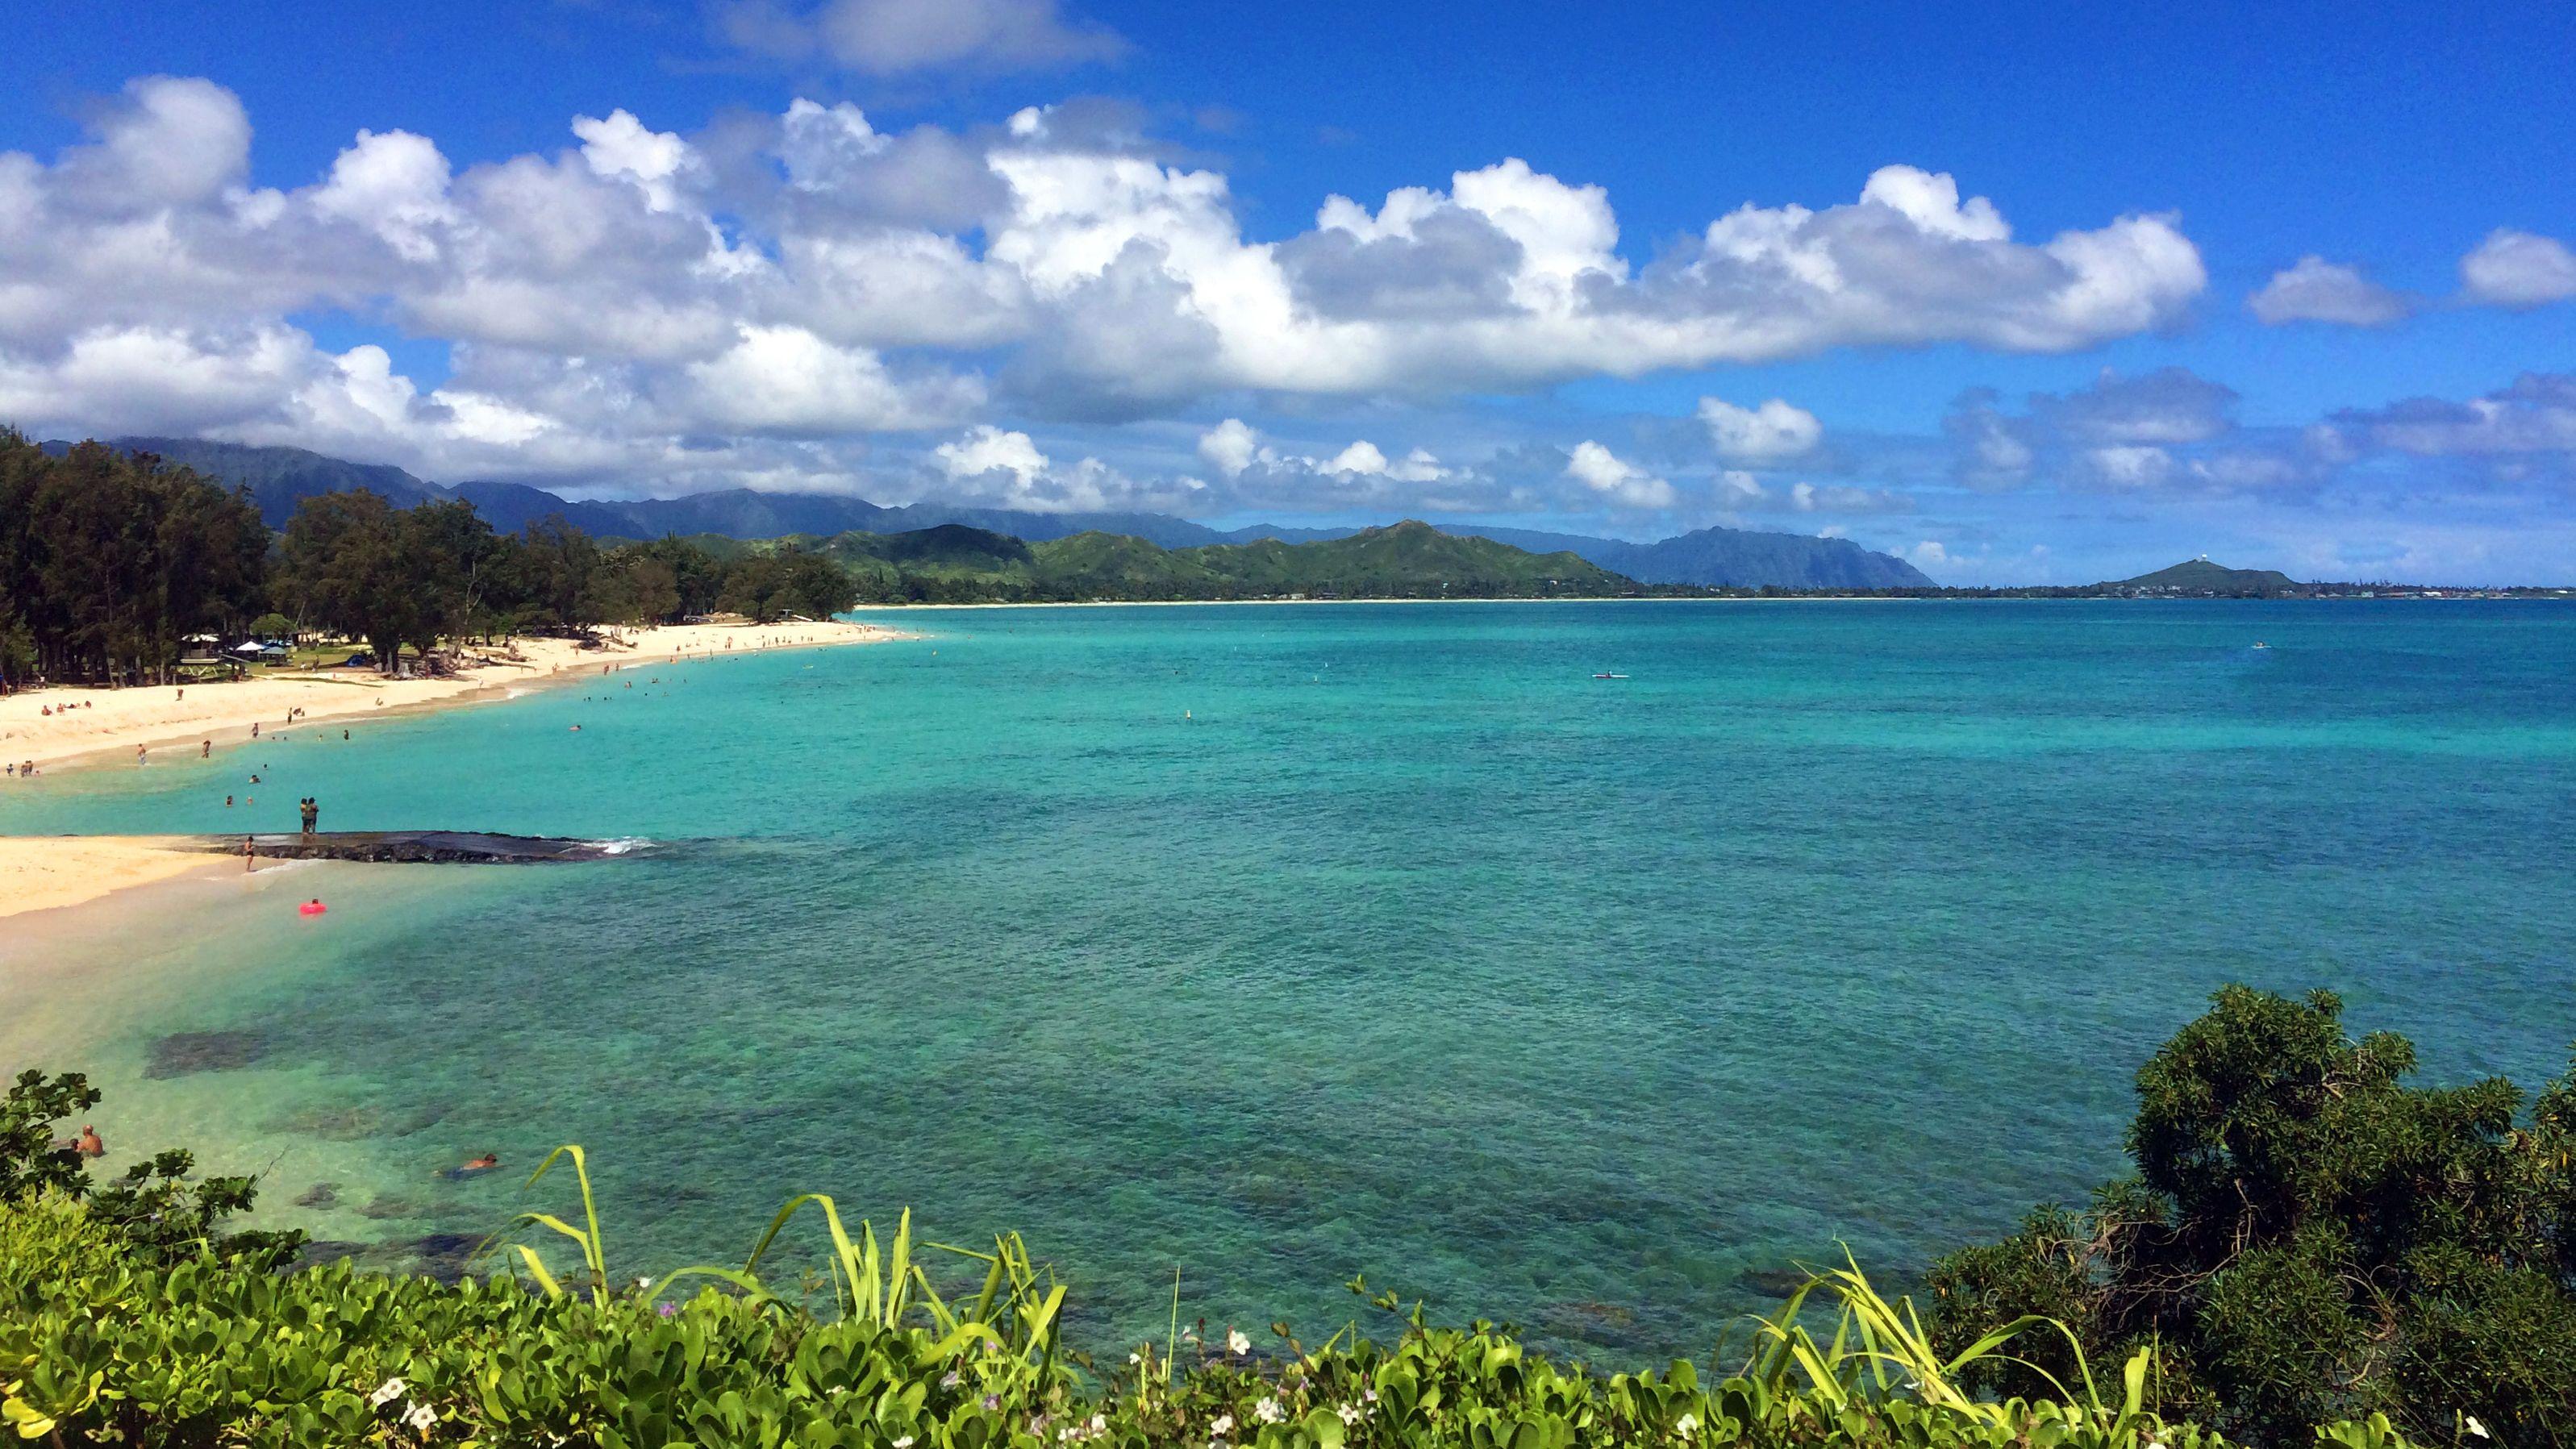 Aerial view of beach in Kauai